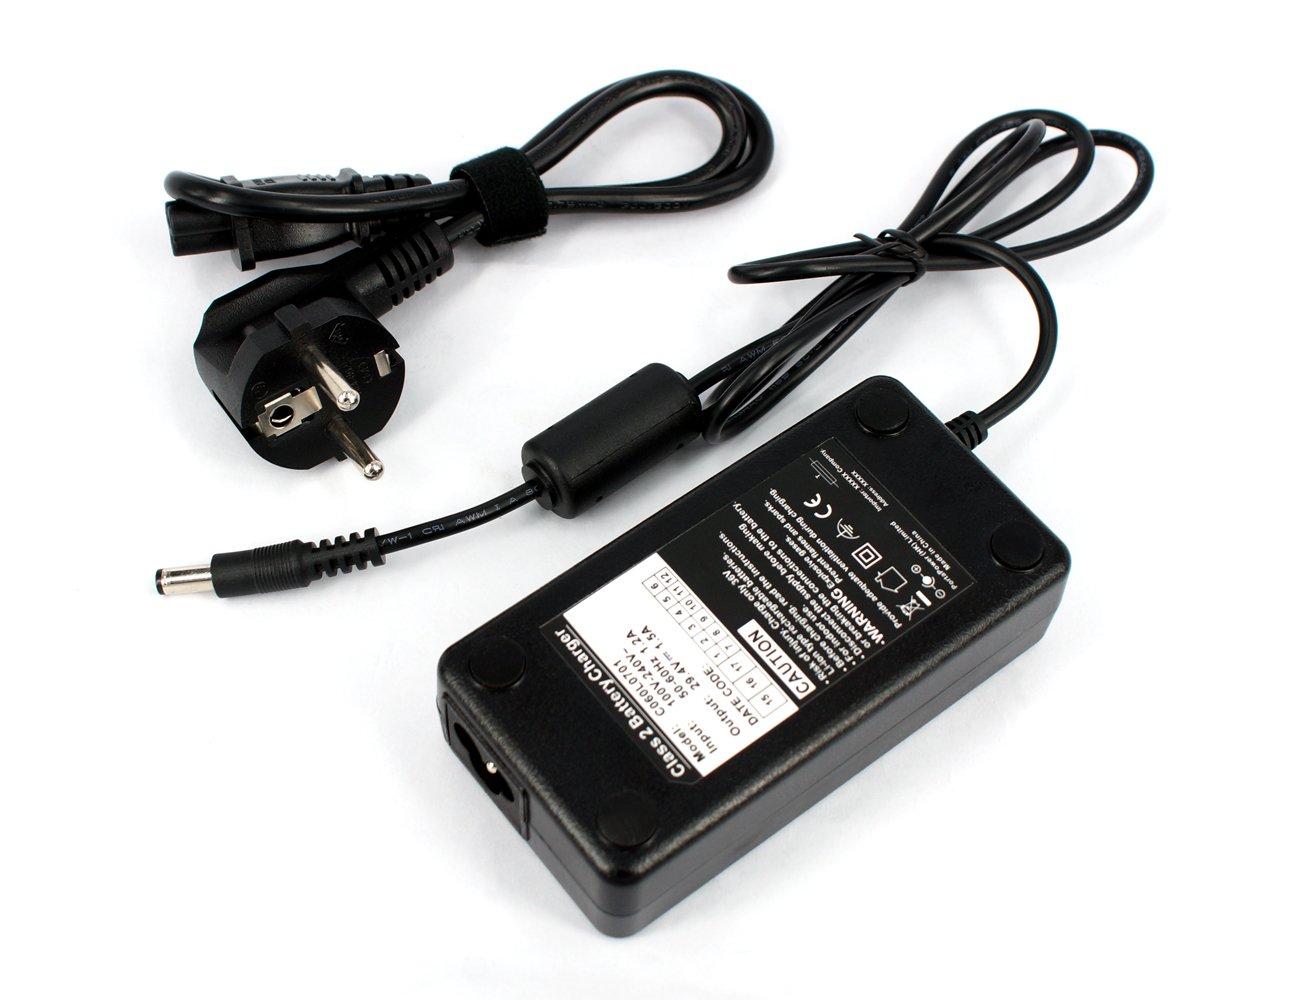 Power Smart® erider batería Cargador para Batería 36V Iones Para E-Bike/bicicleta eléctrica ack4201C060l1001 PowerSmart